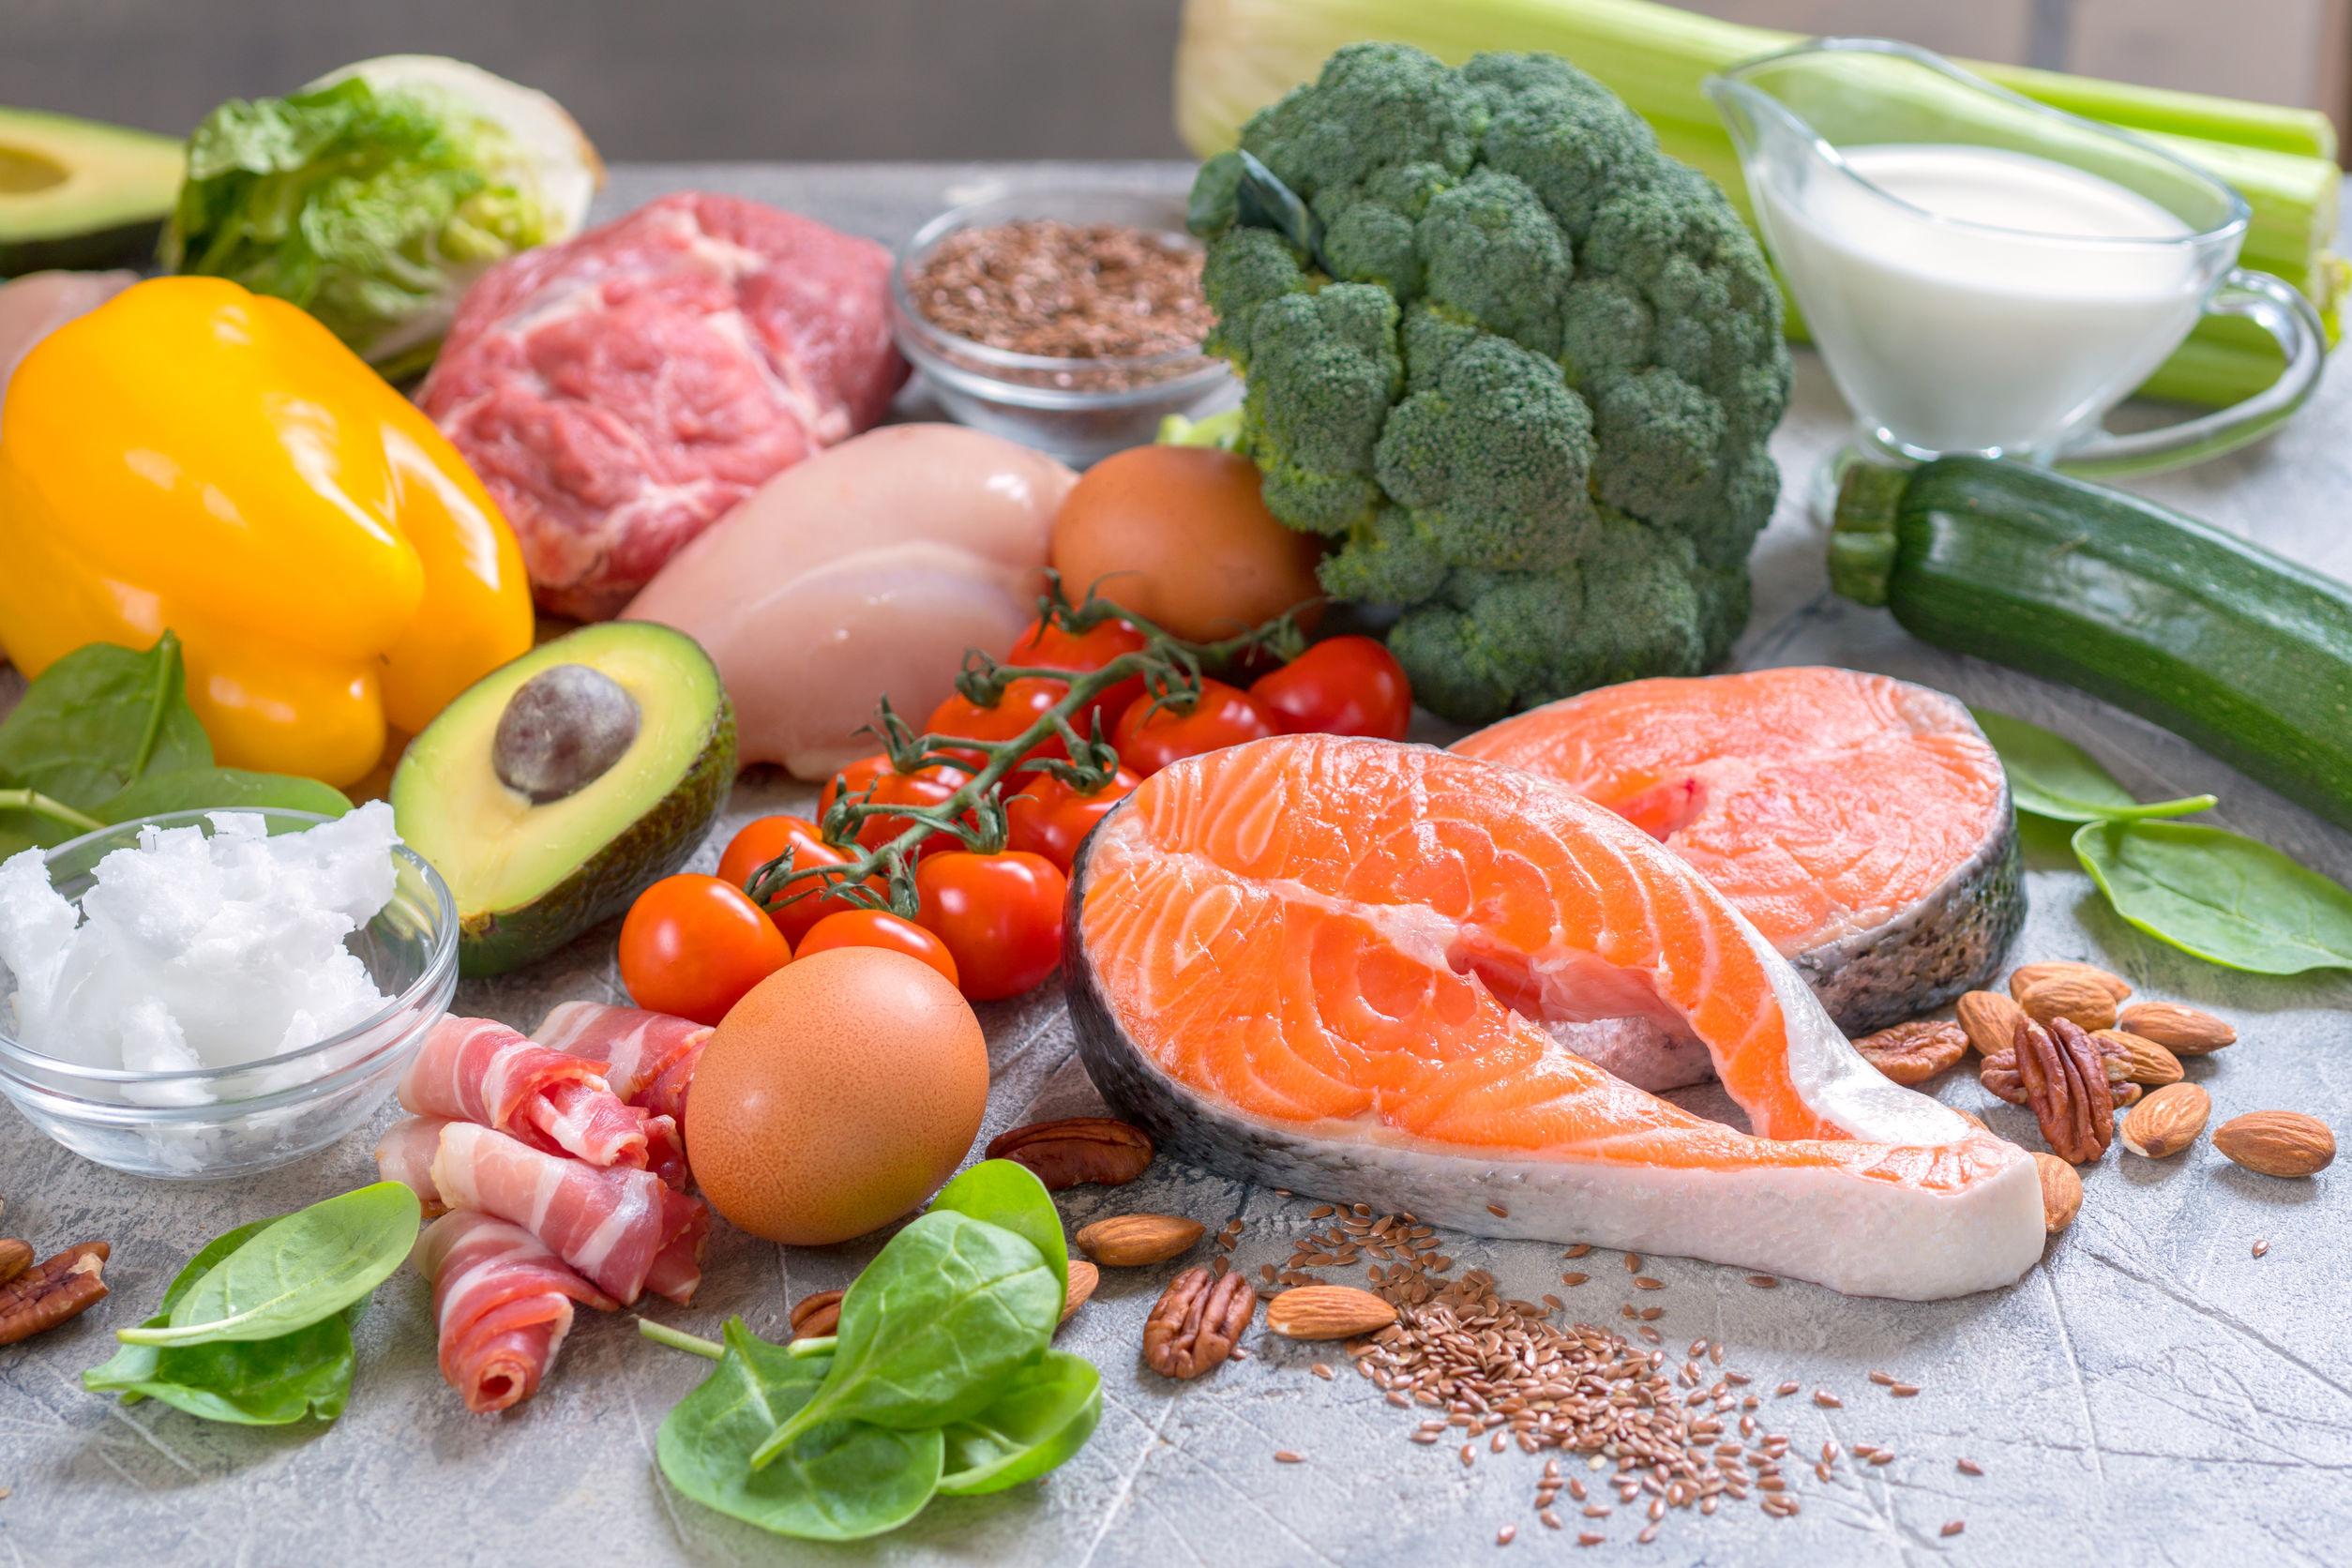 Cibi per dieta chetogenica